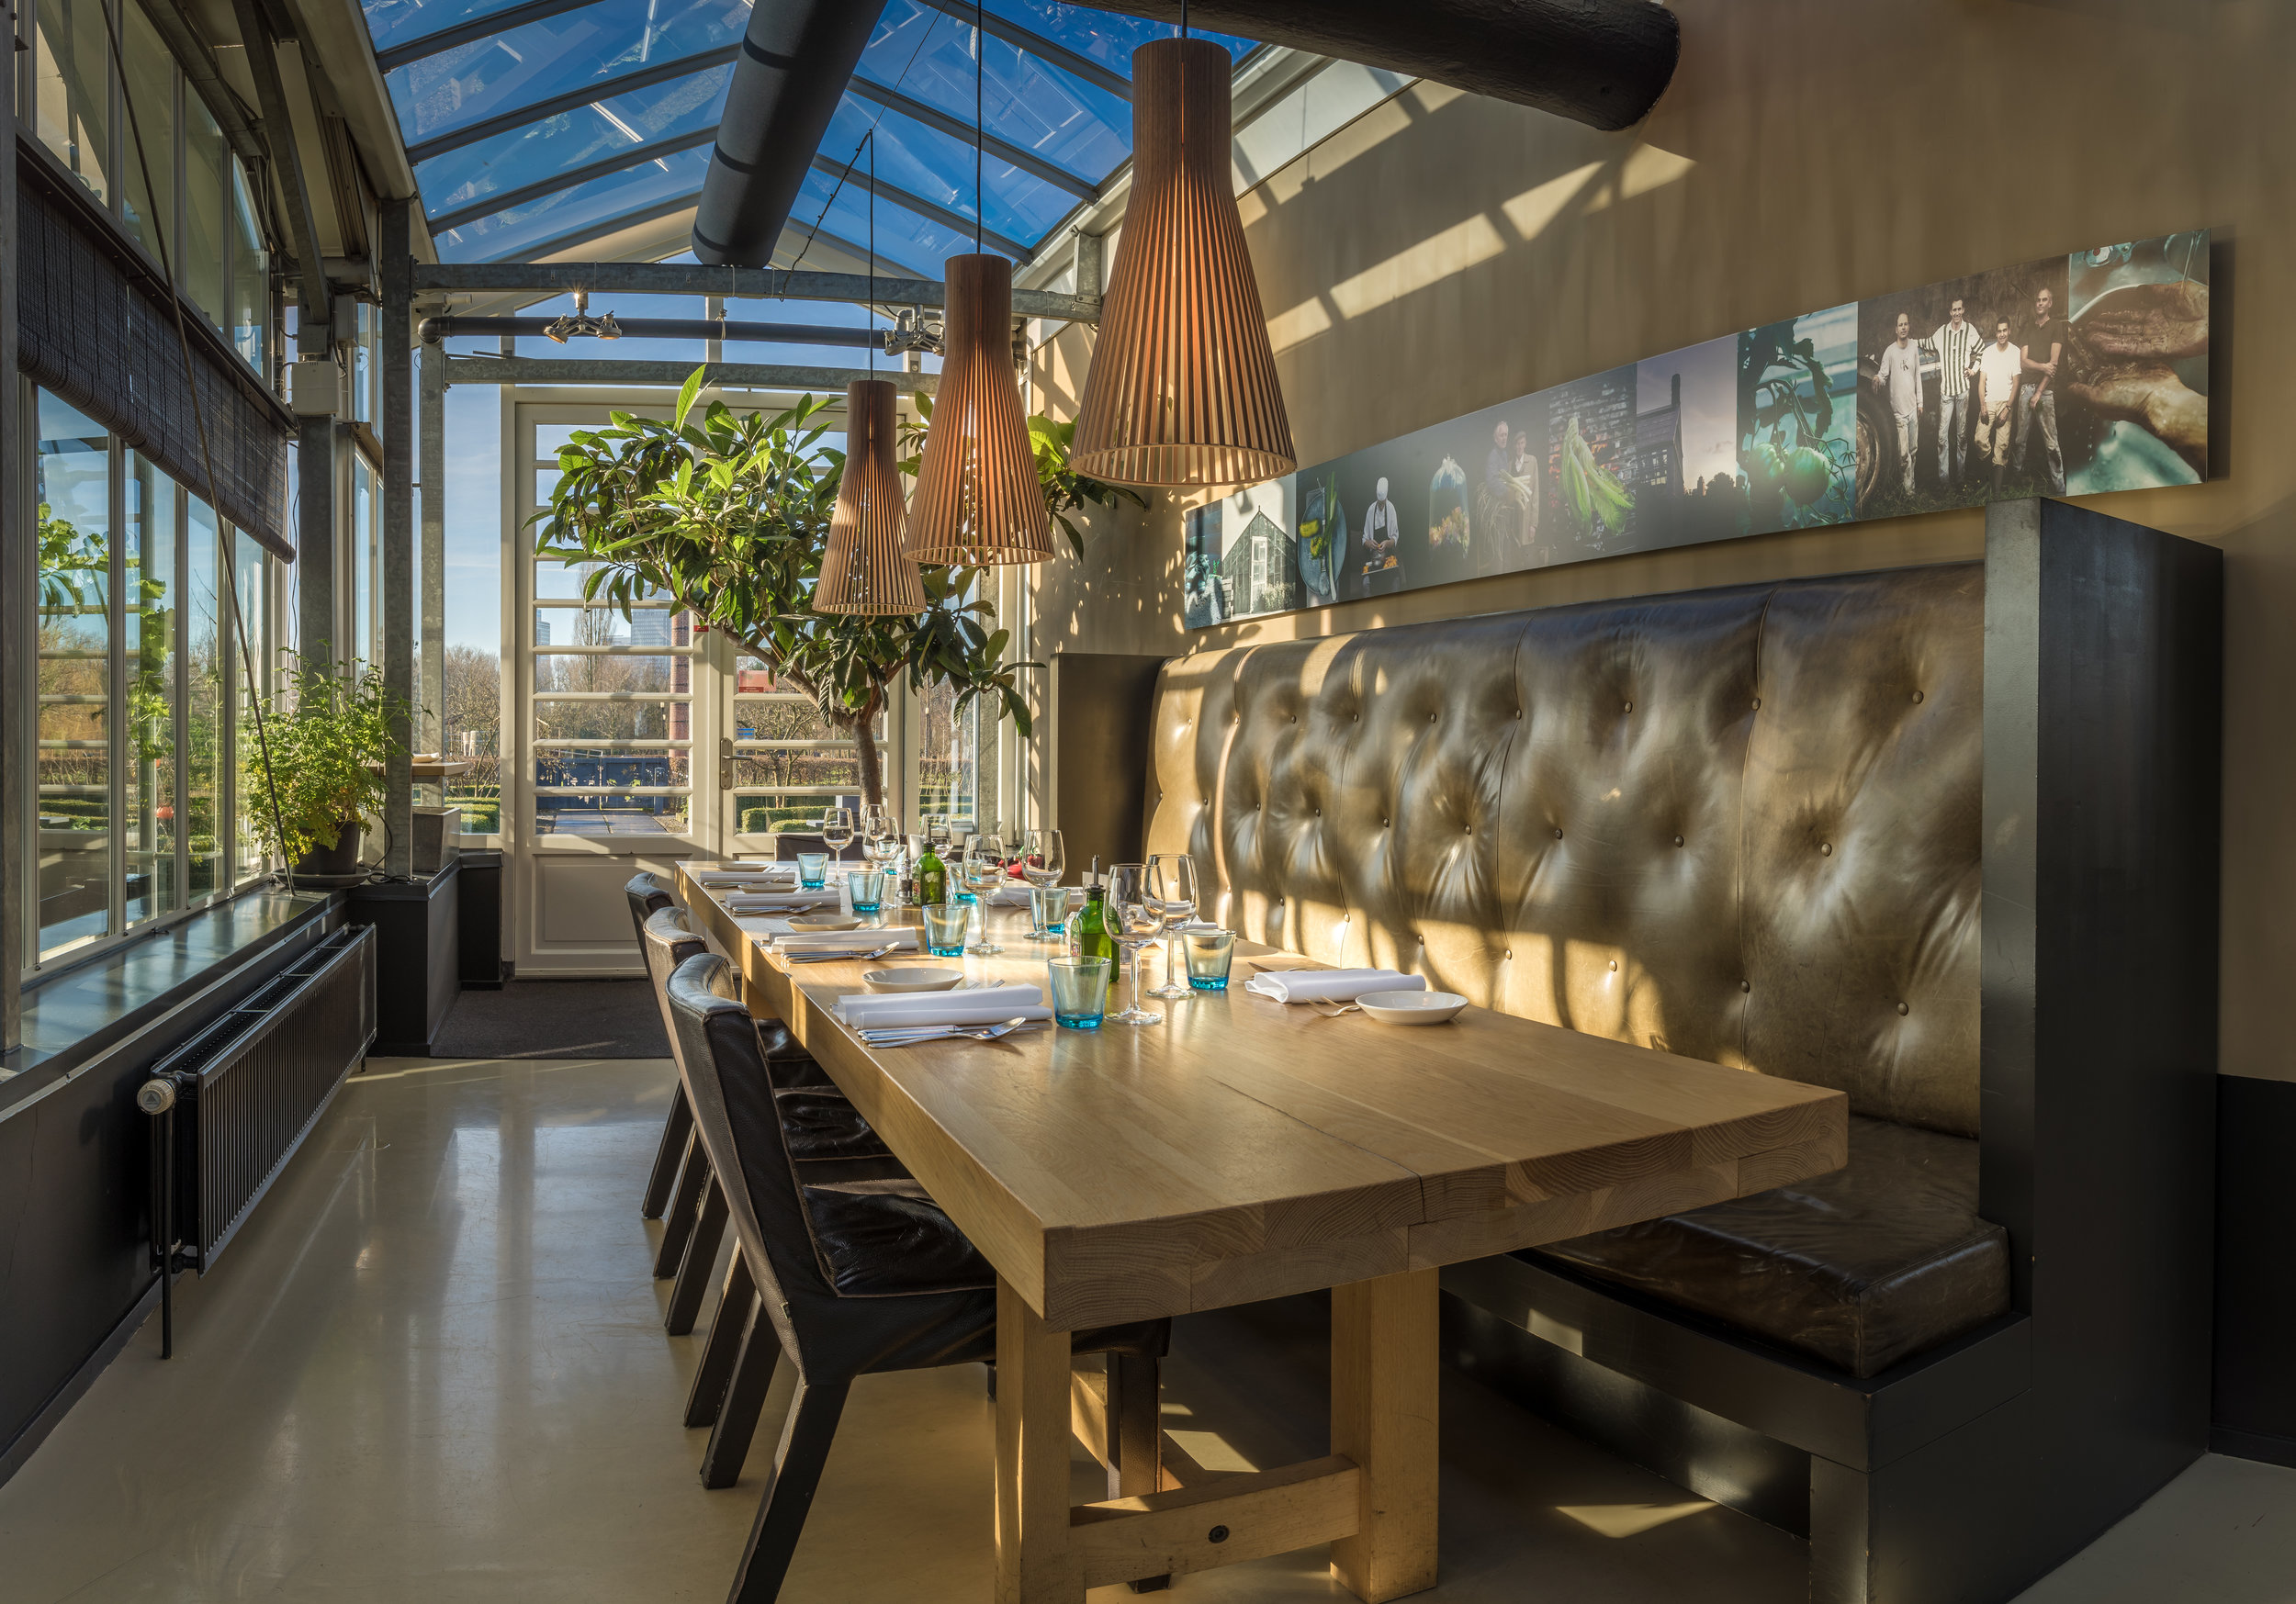 BUSINESSTAFEL - Om rustig te dineren en tegelijk te overleggen, een beetje afgescheiden van het restaurant naast de serre.(6-12 personen)